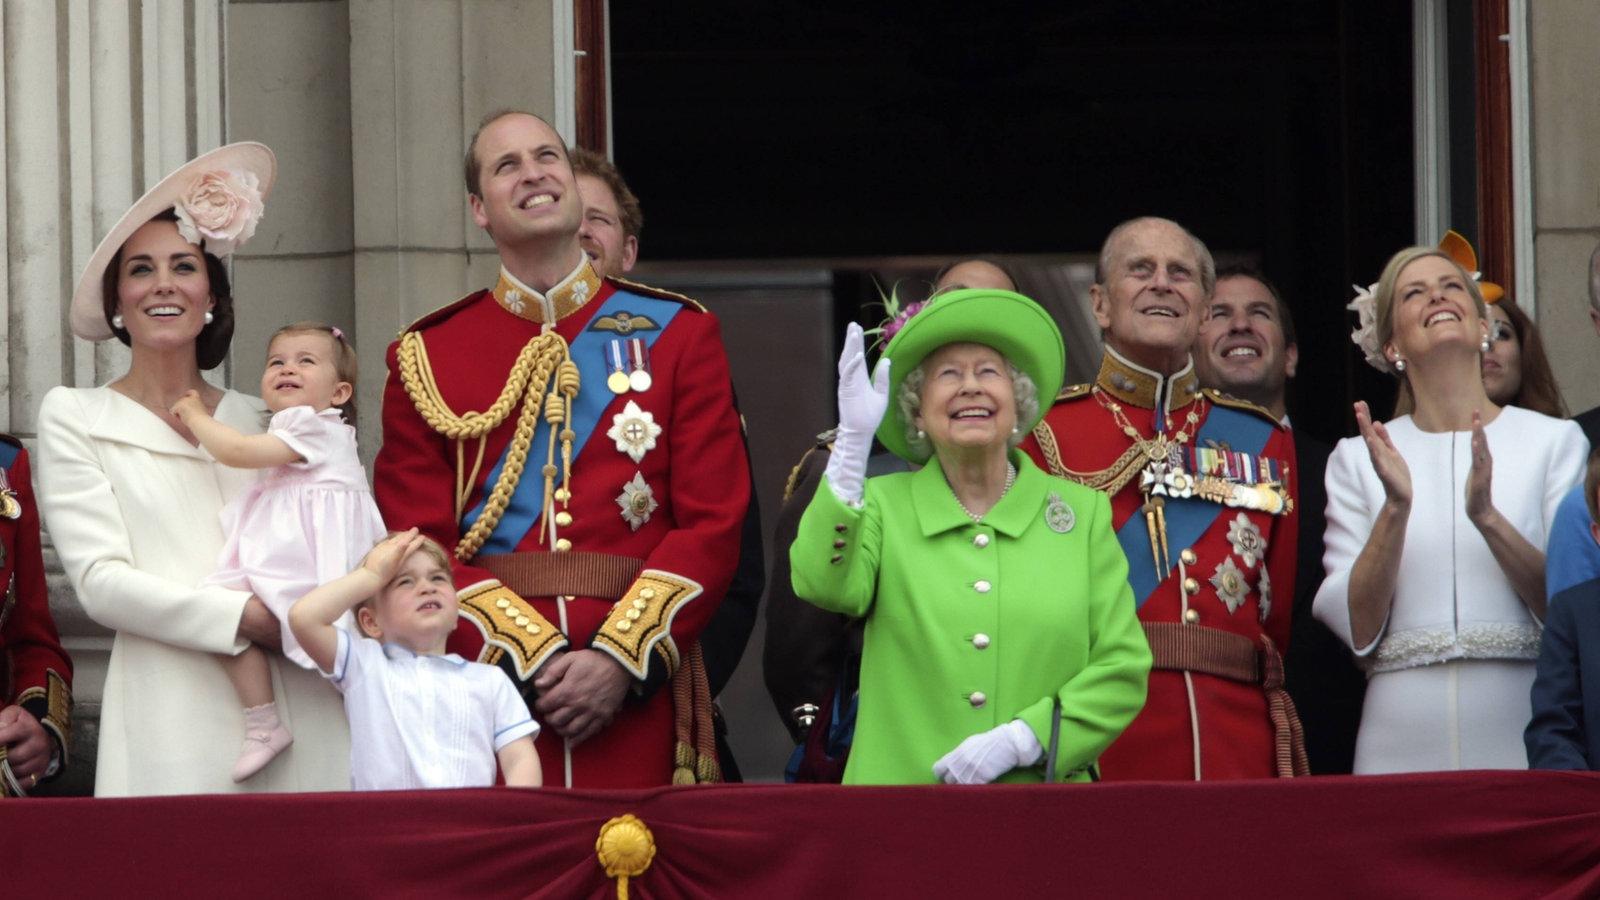 Watch Die Familie 2017 Online: Britisches Königshaus: Die Queen Und Die Politik